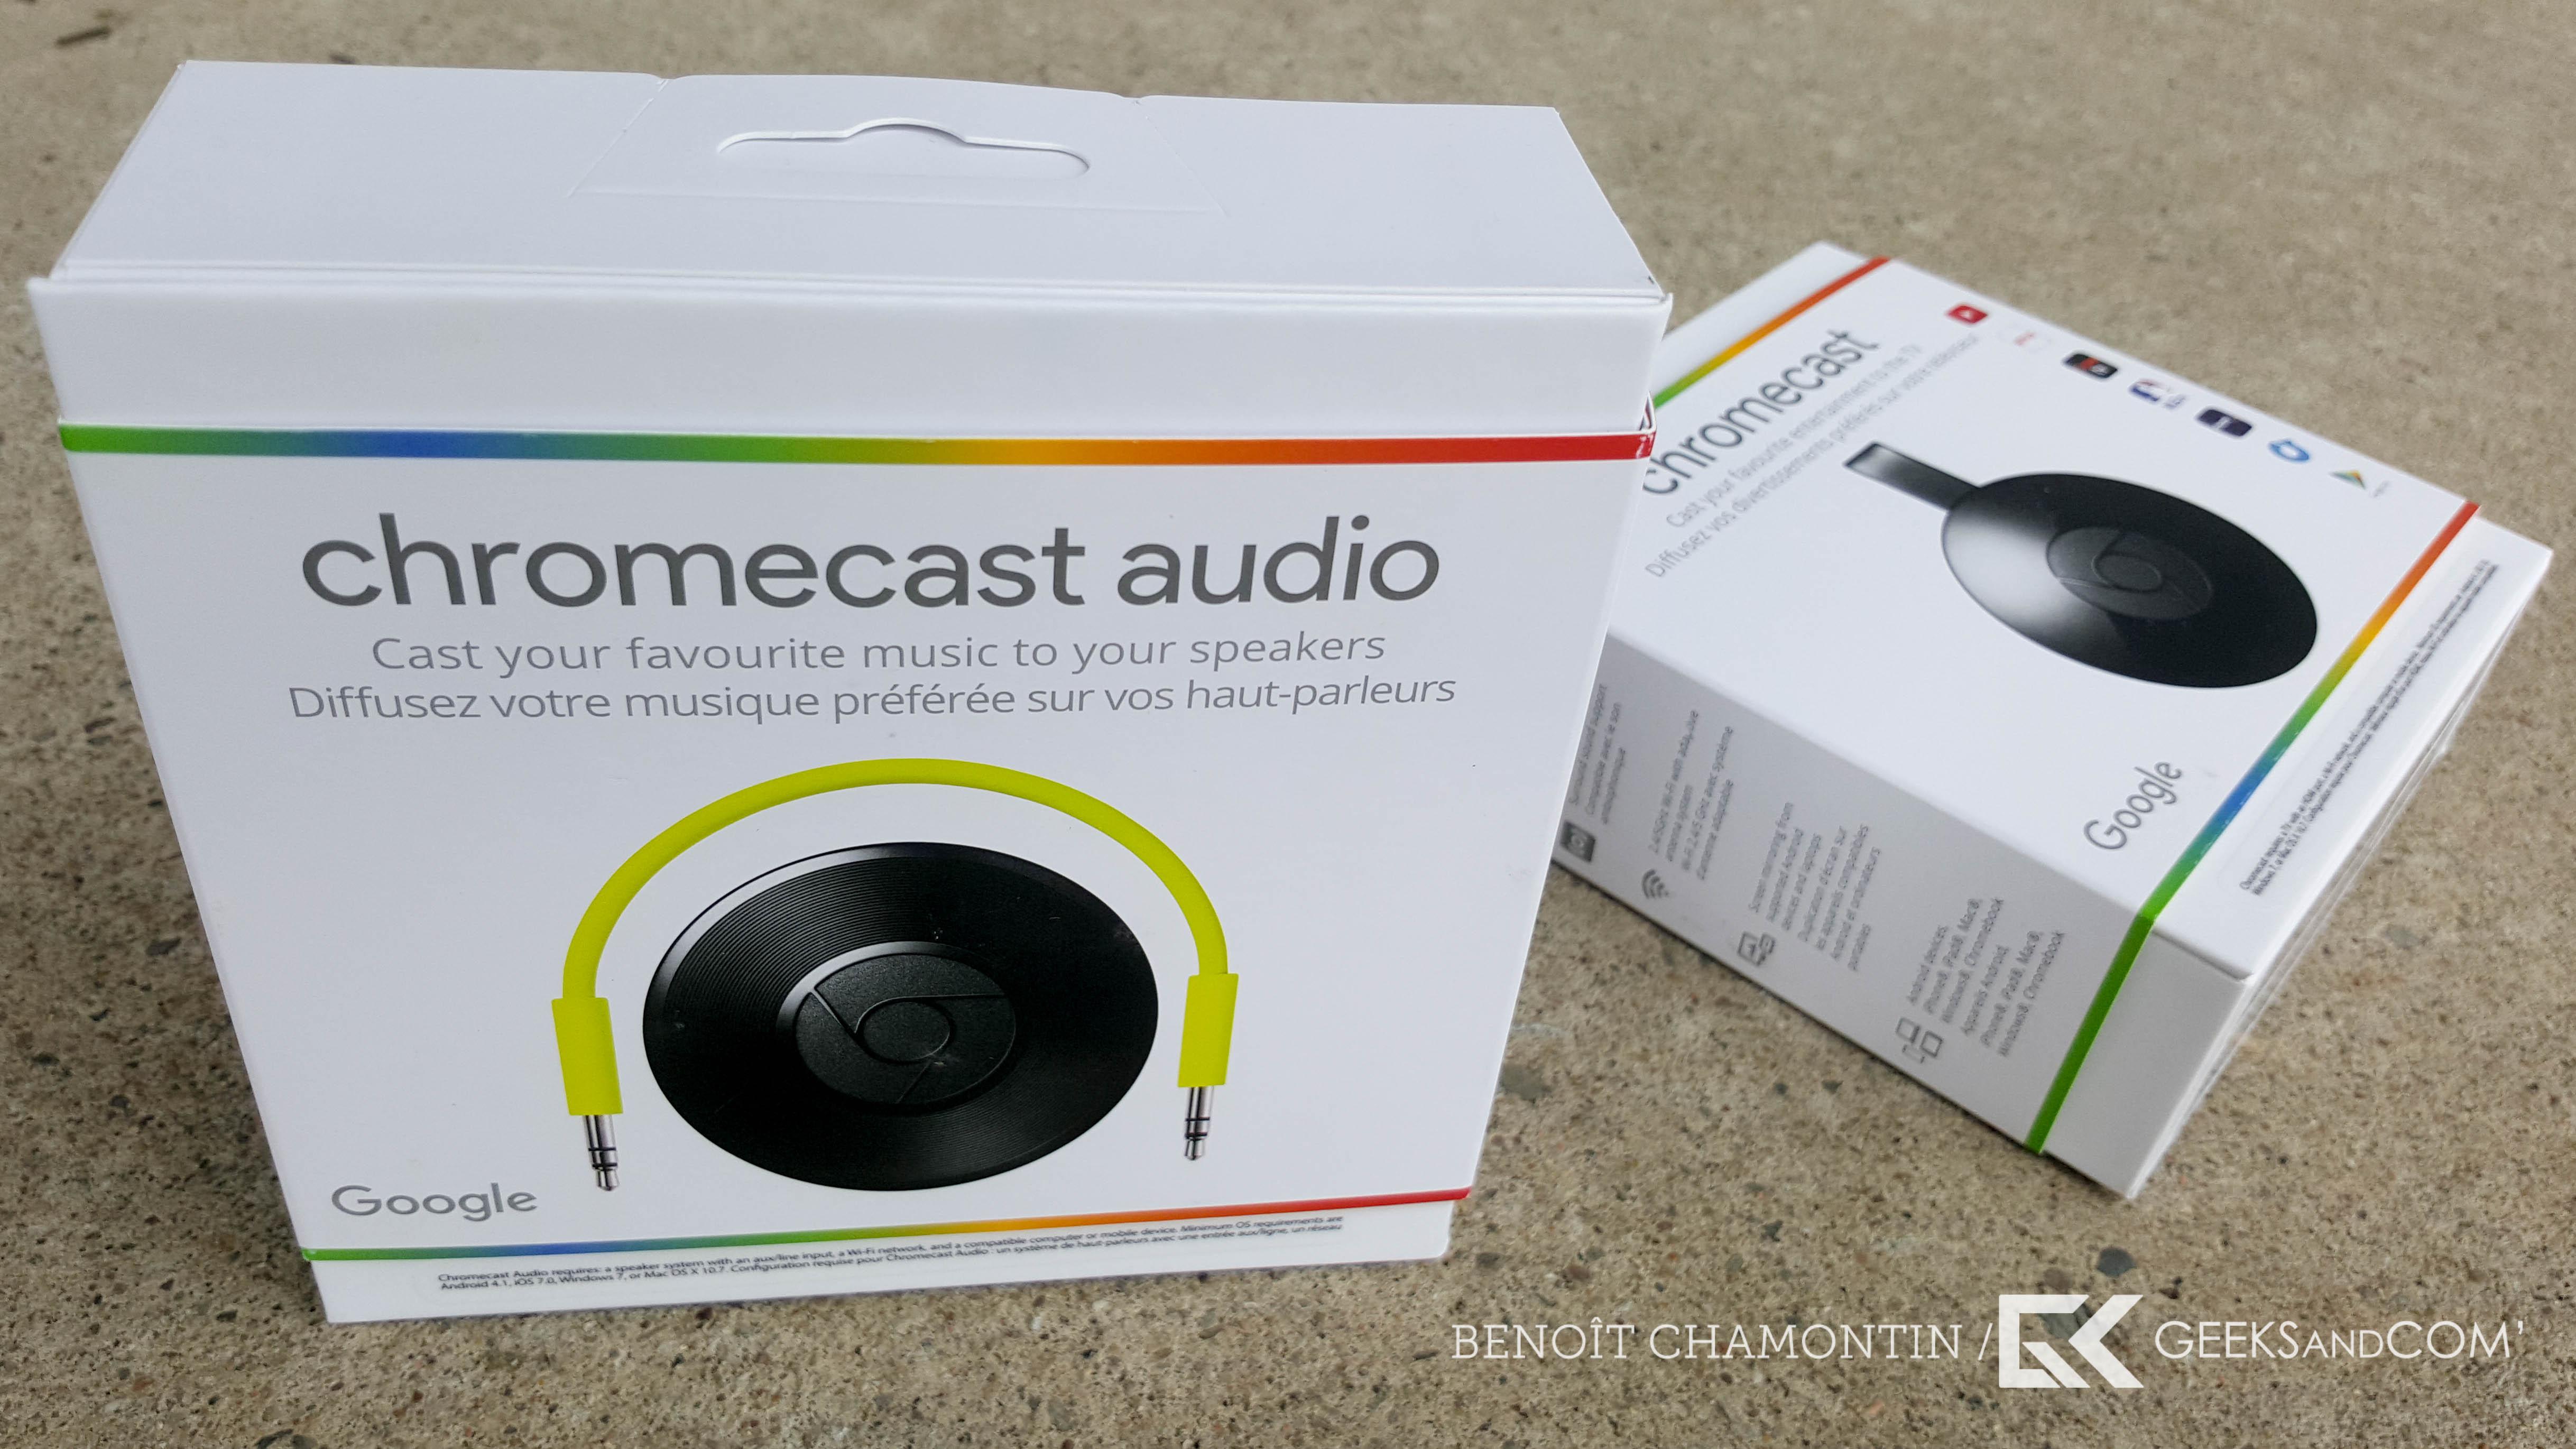 Google - Nouveau Chromecast - Chromecast Audio - Test Geeks and Com